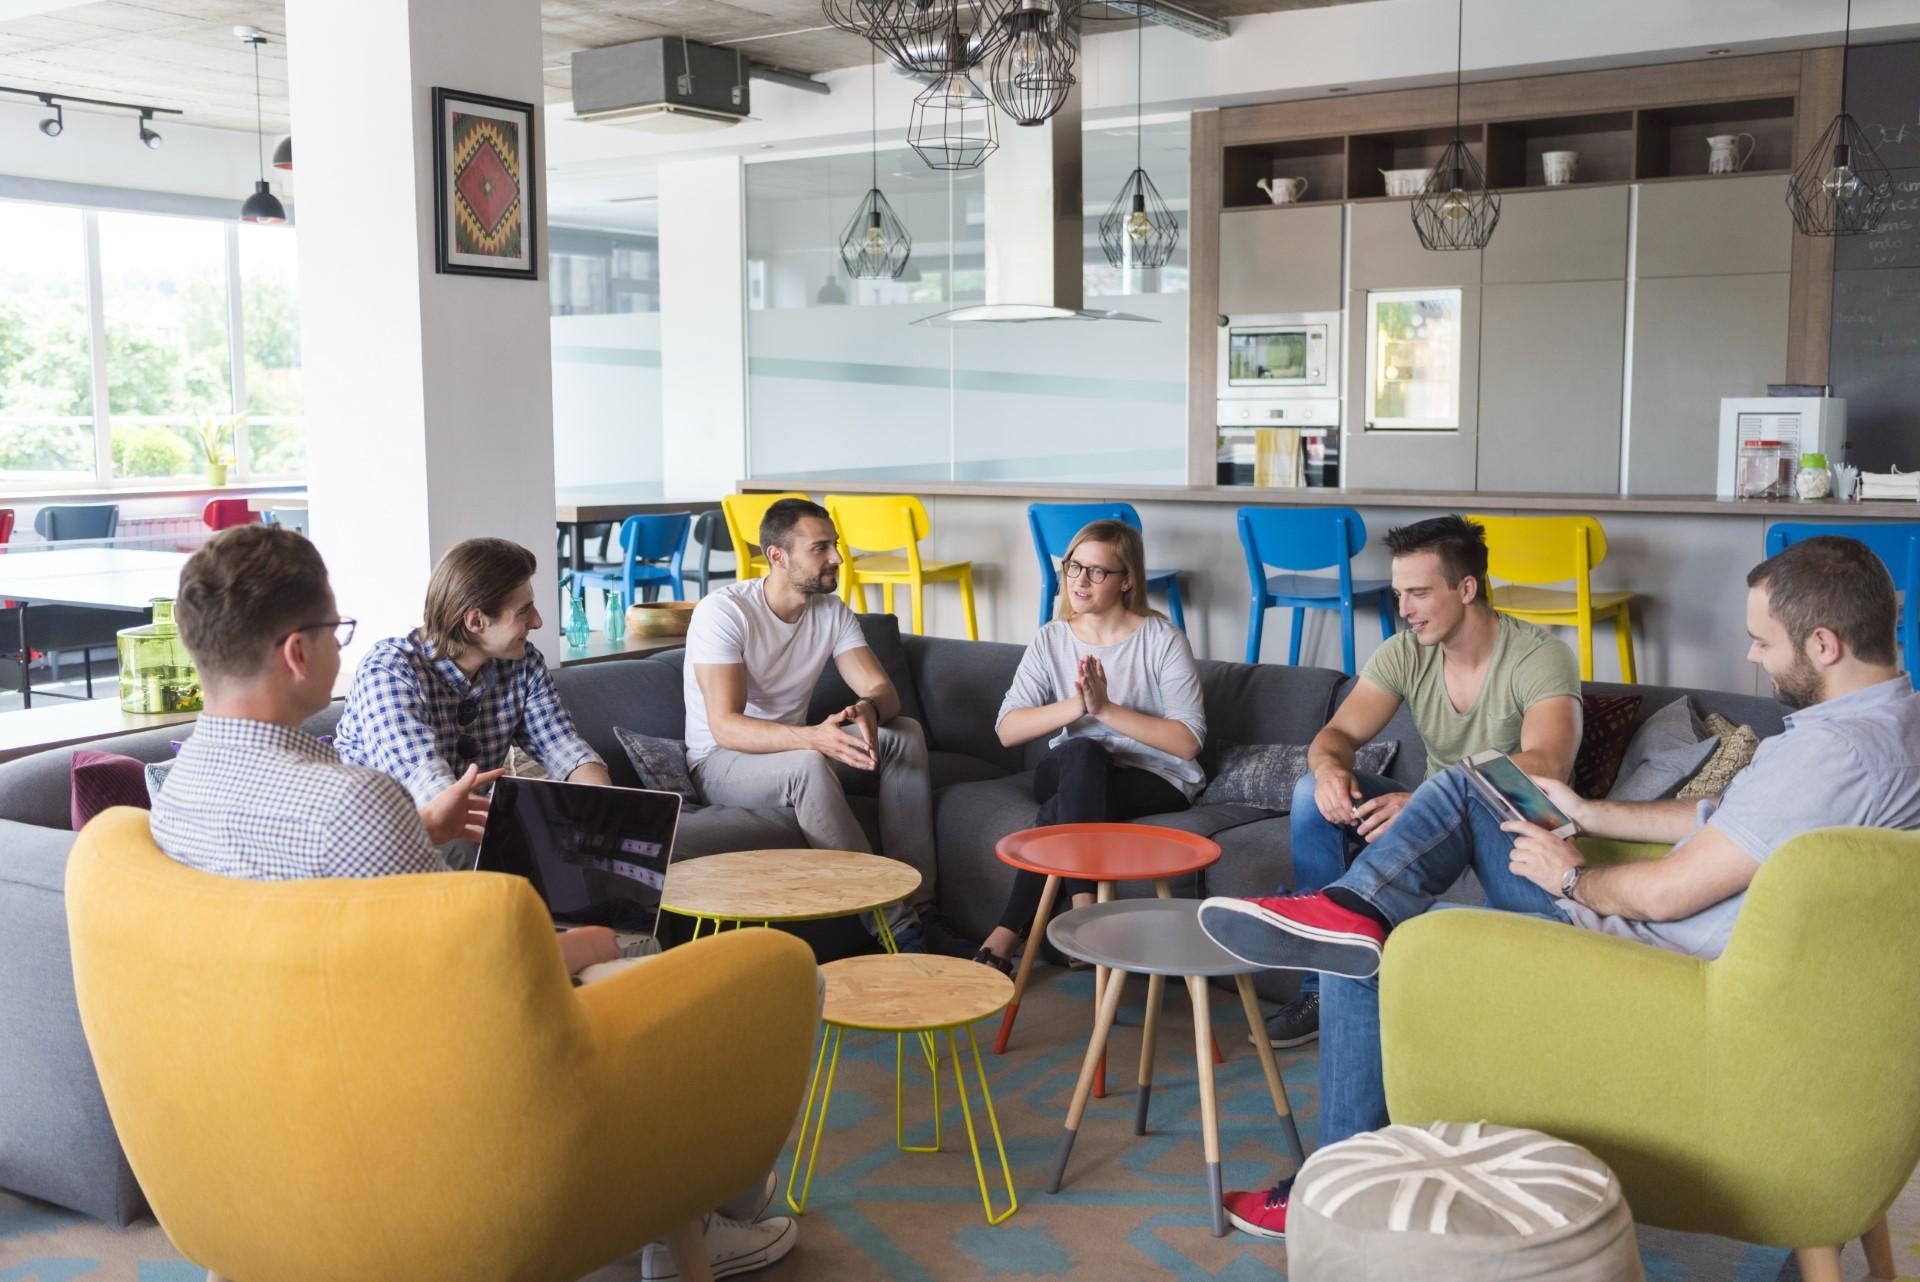 team-meeting-and-brainstorming-PVJY3CK.jpg